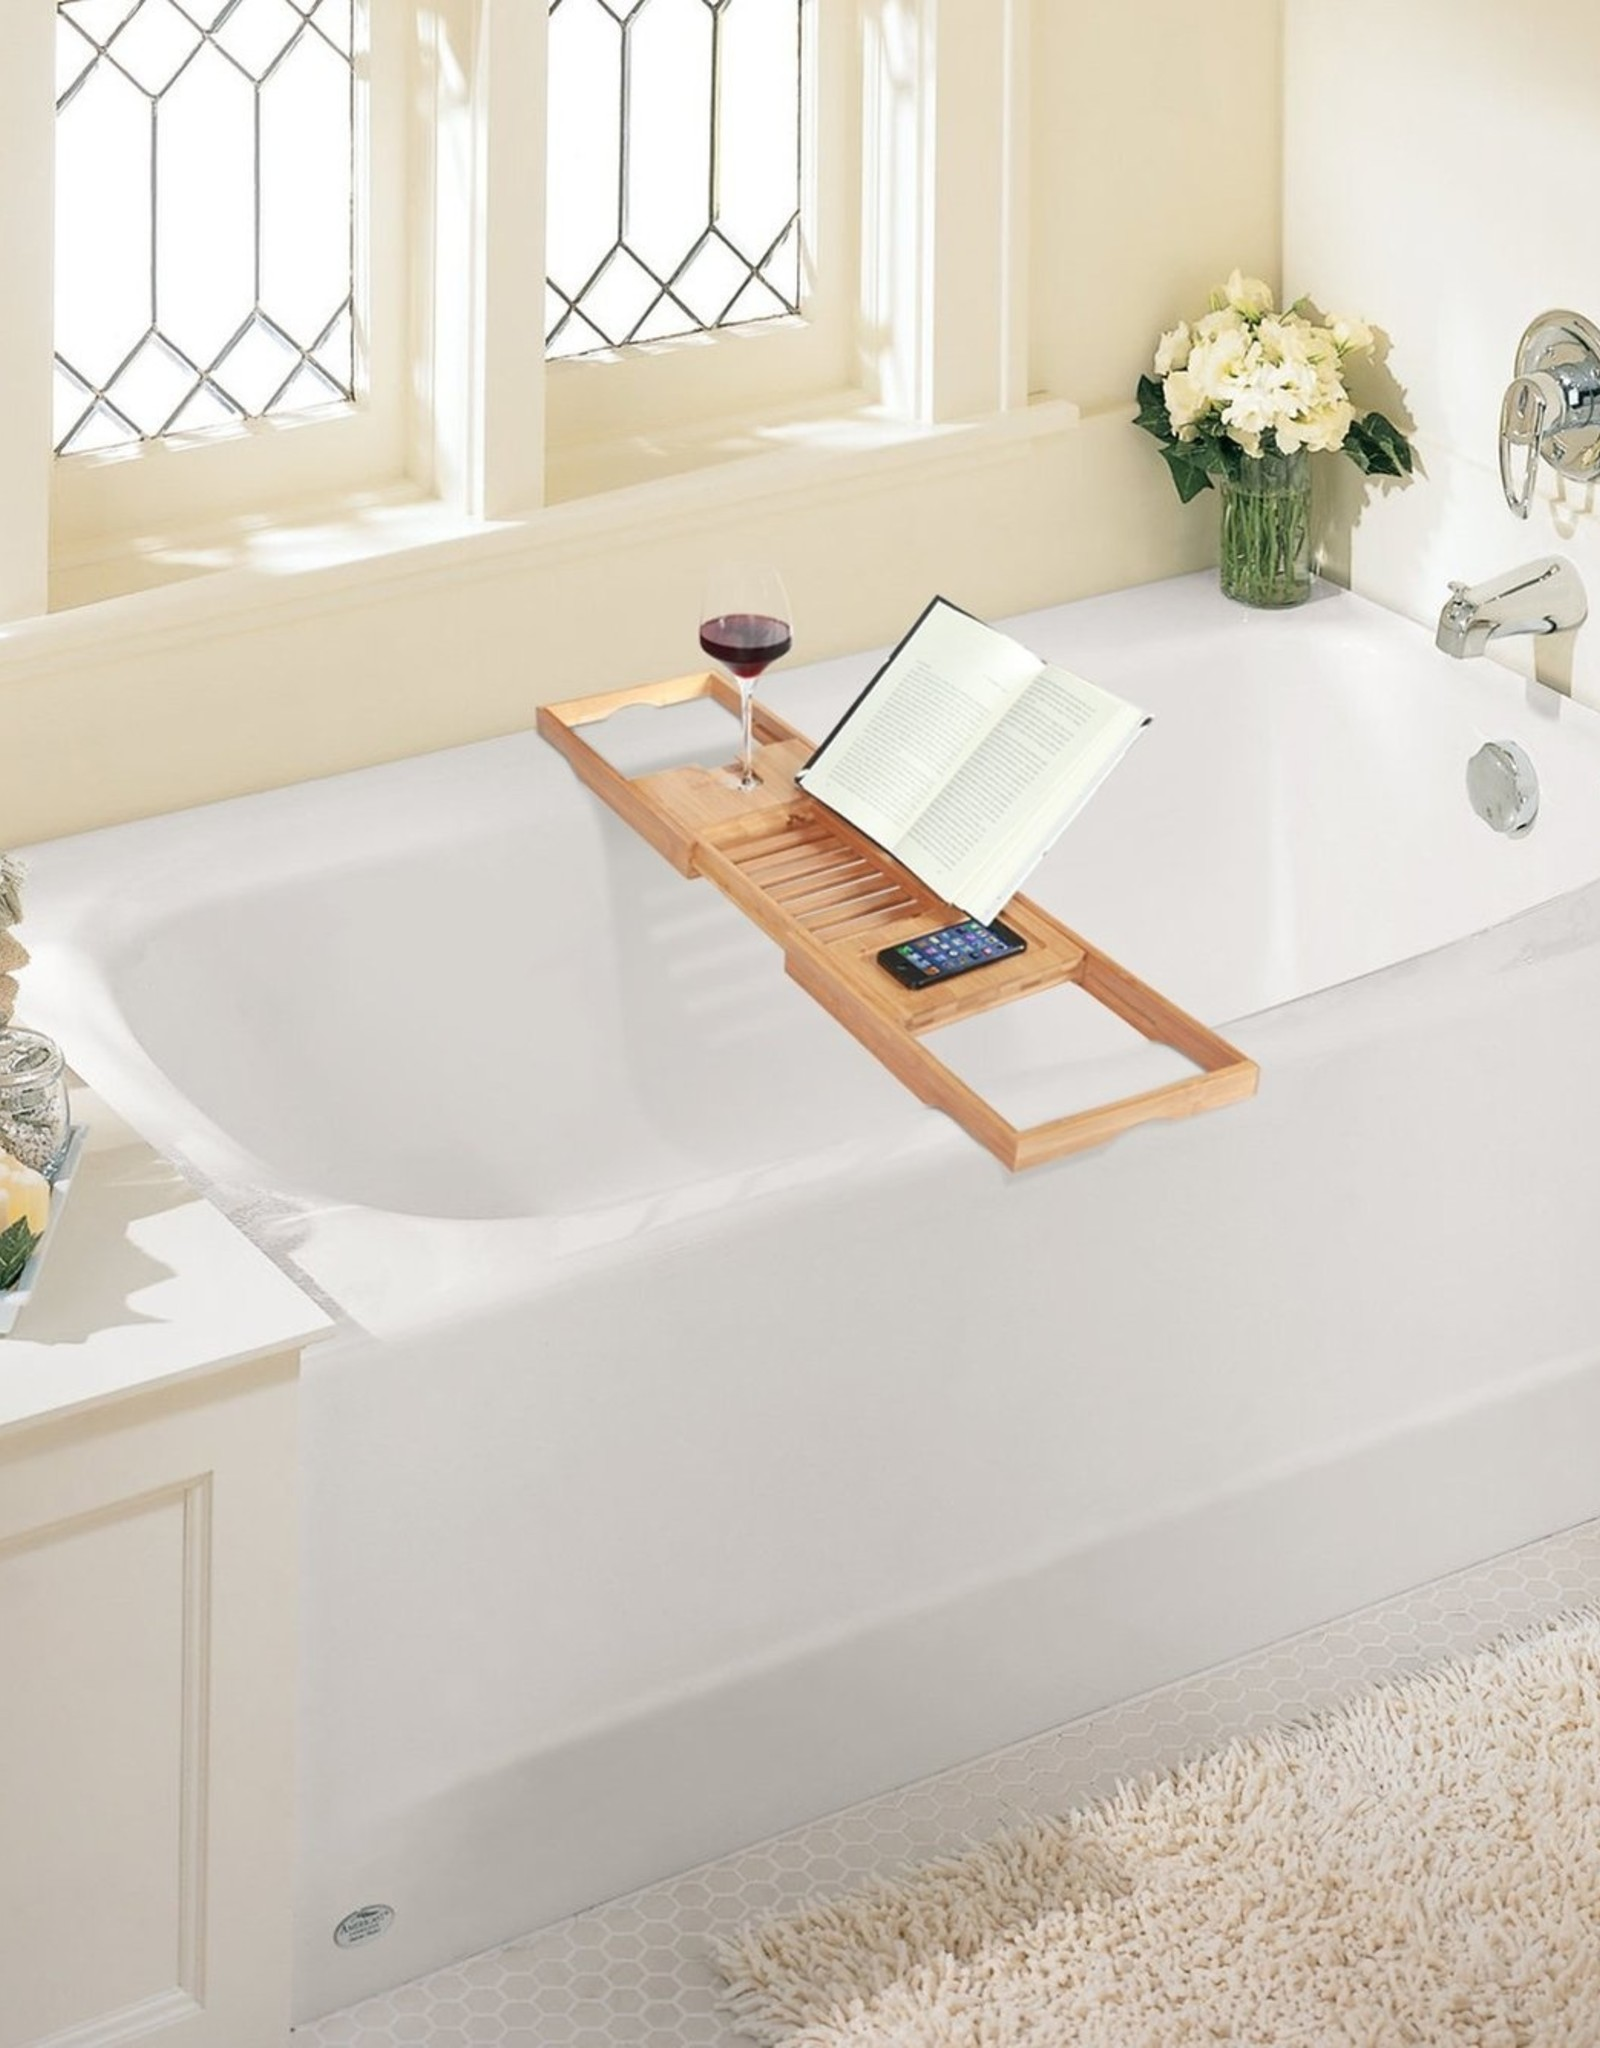 ToiletTree Bamboo Bath Tray